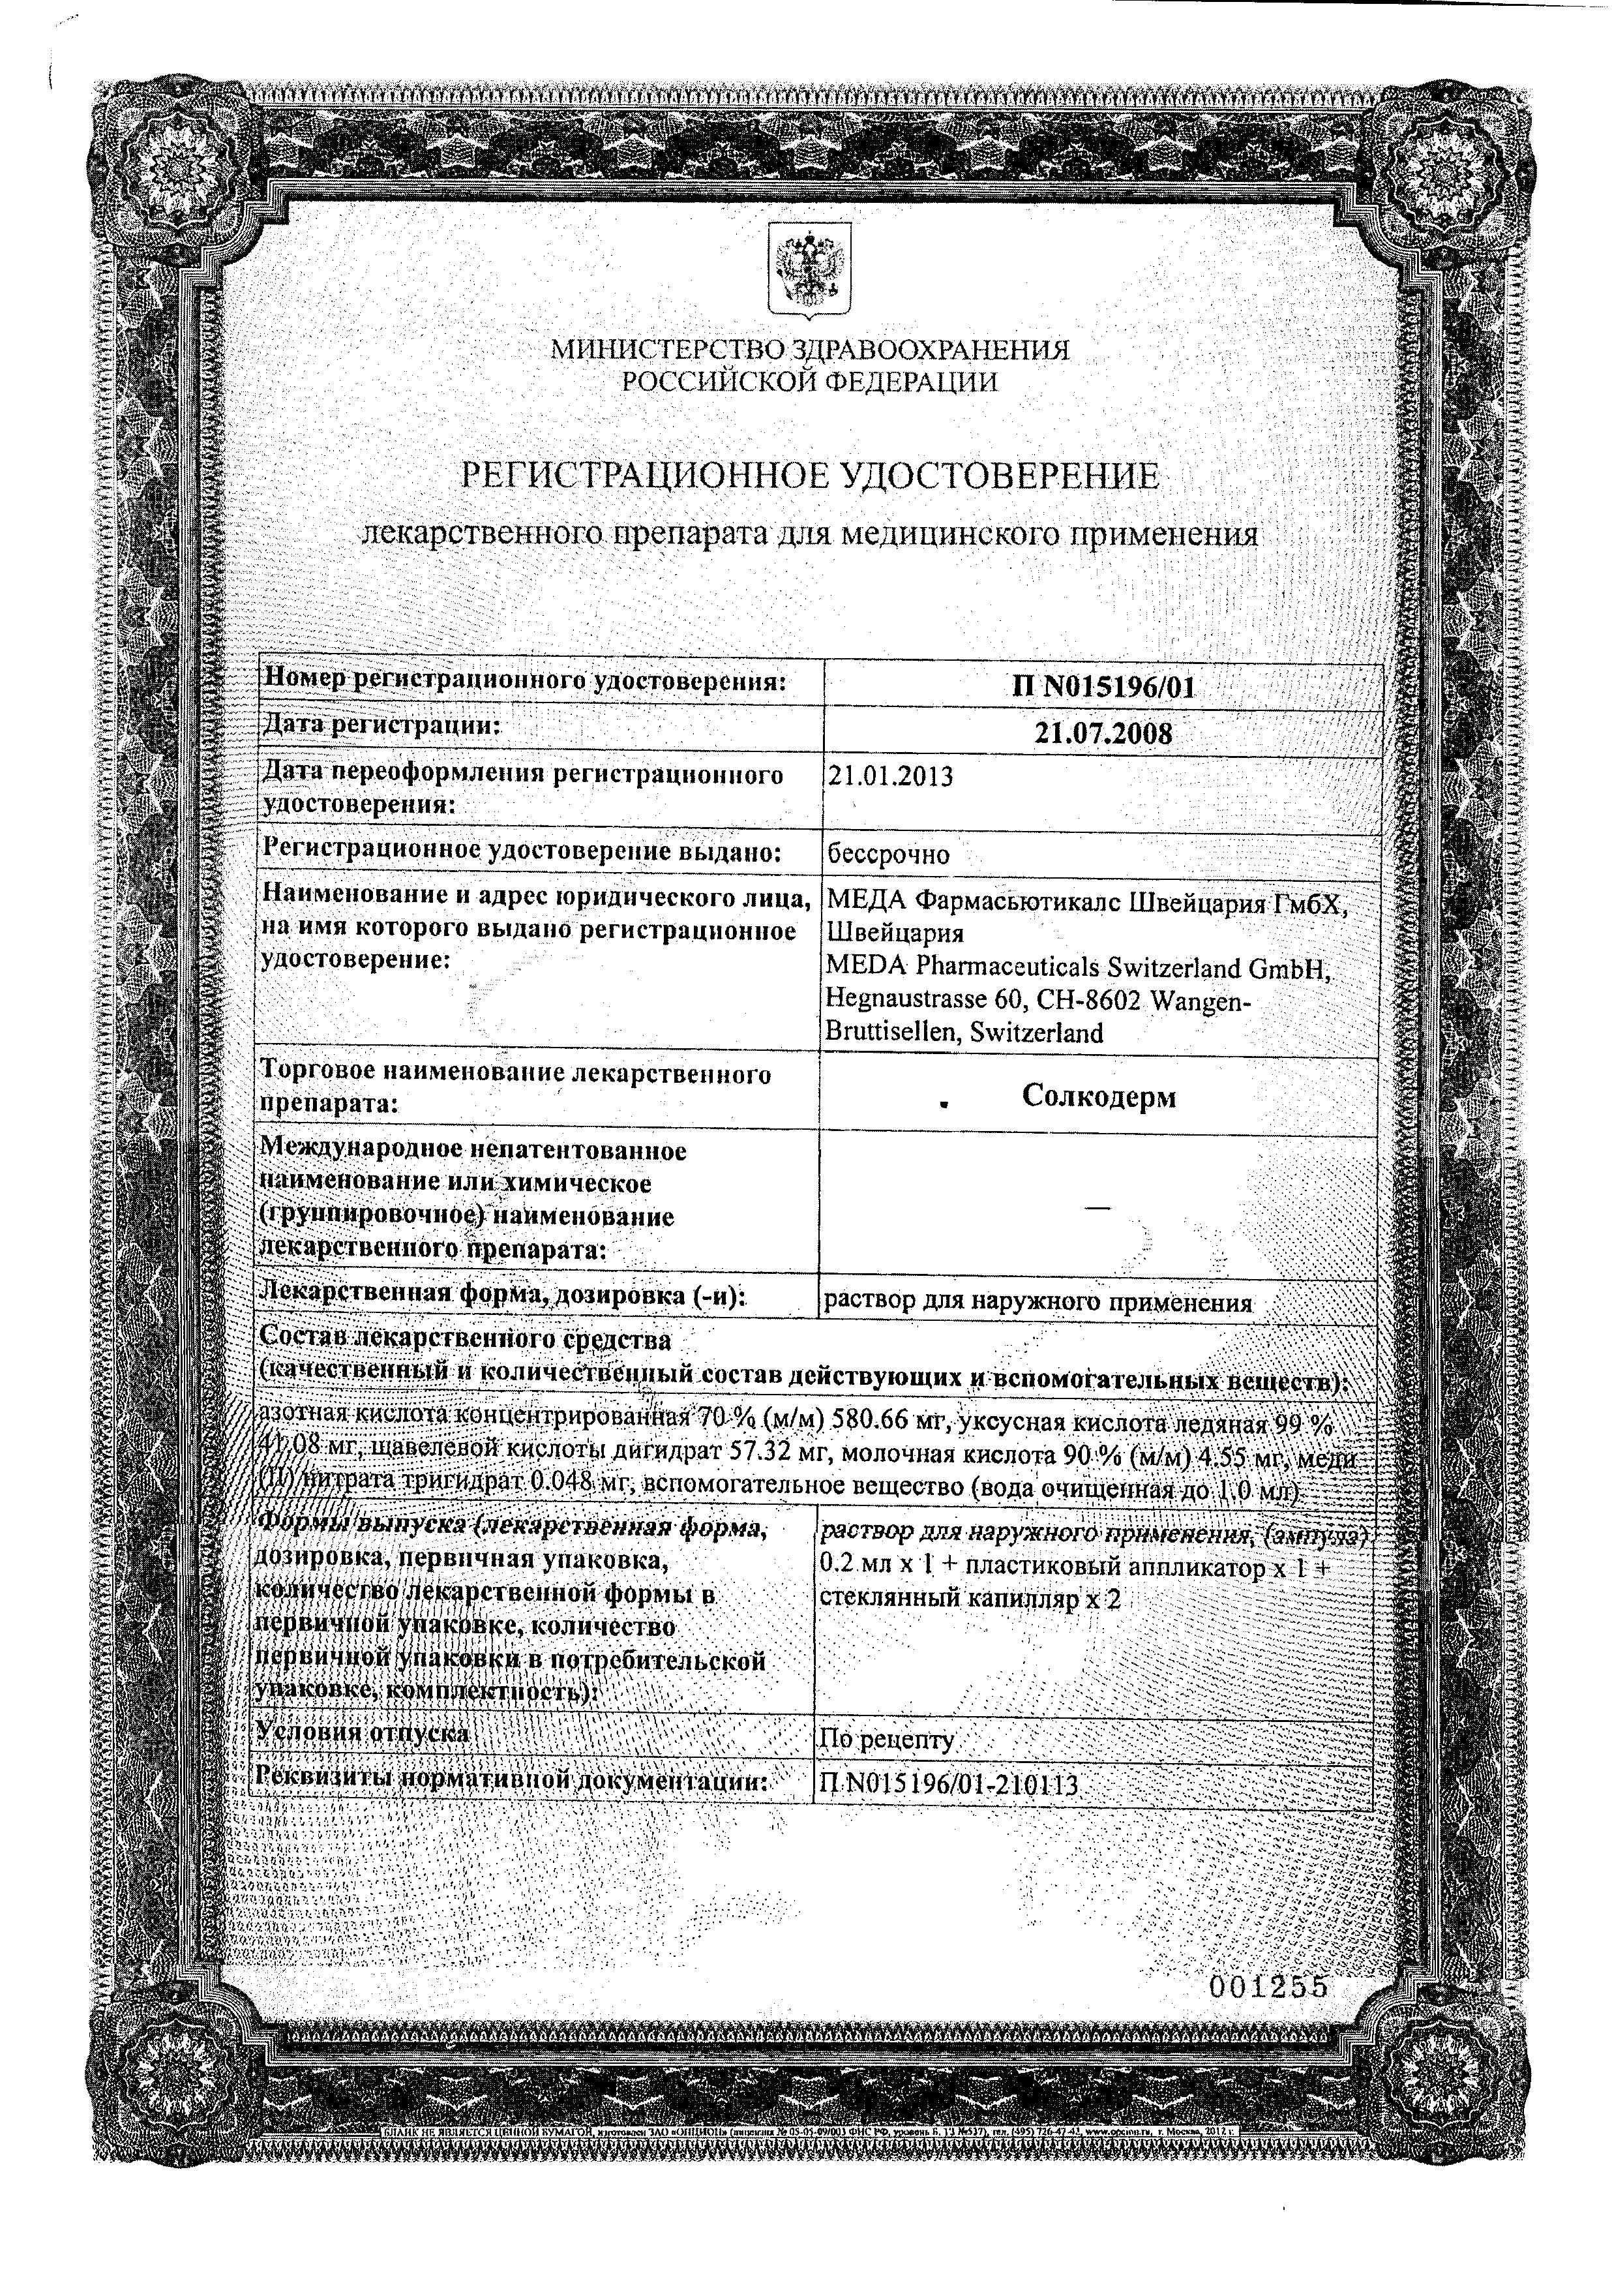 Солкодерм сертификат